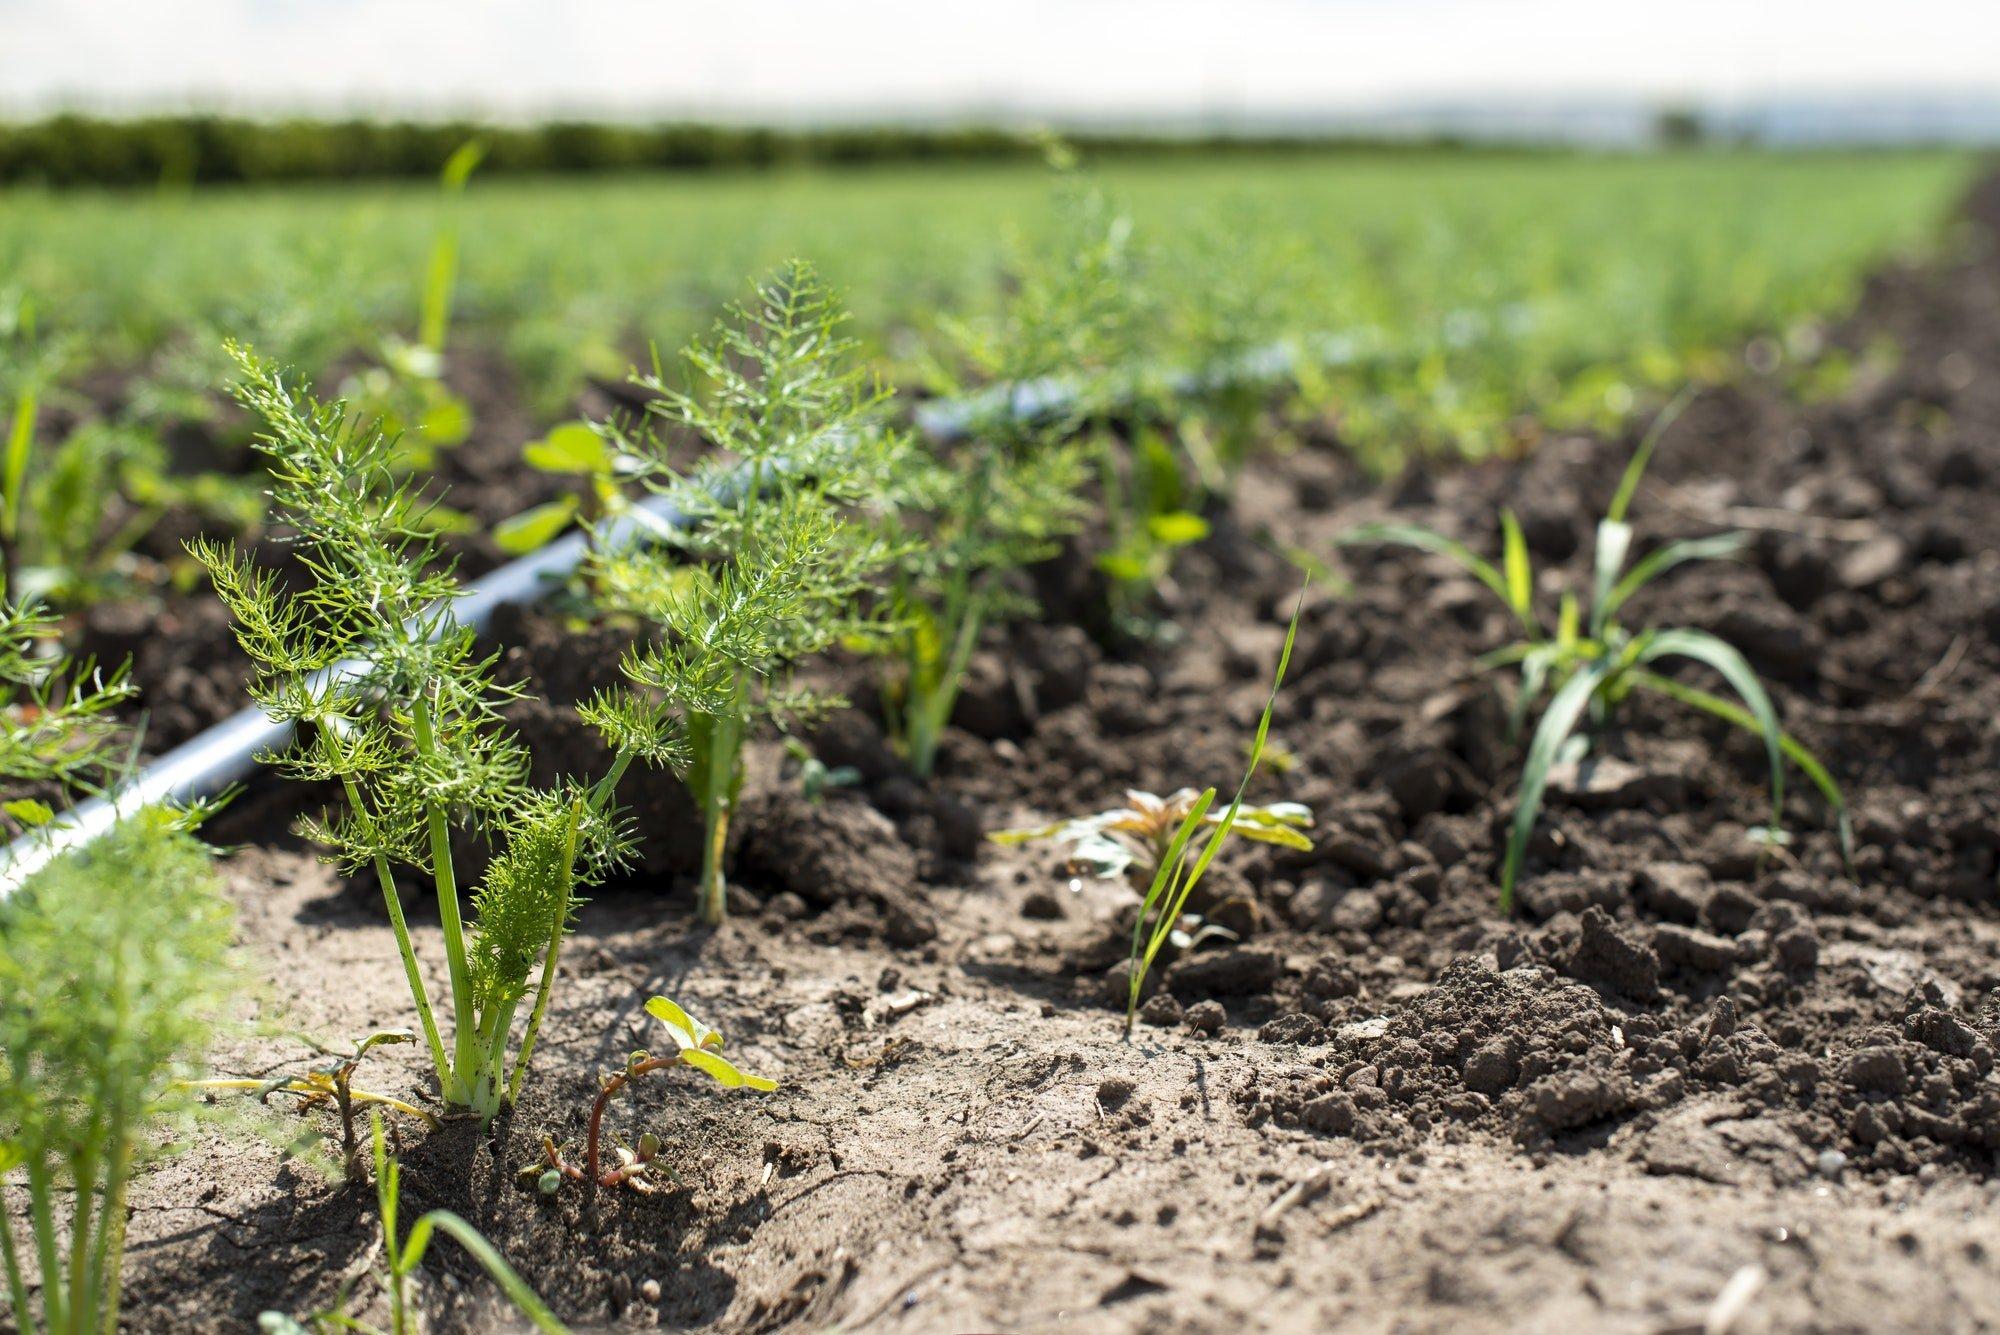 Fennel plantation. Growing fennel